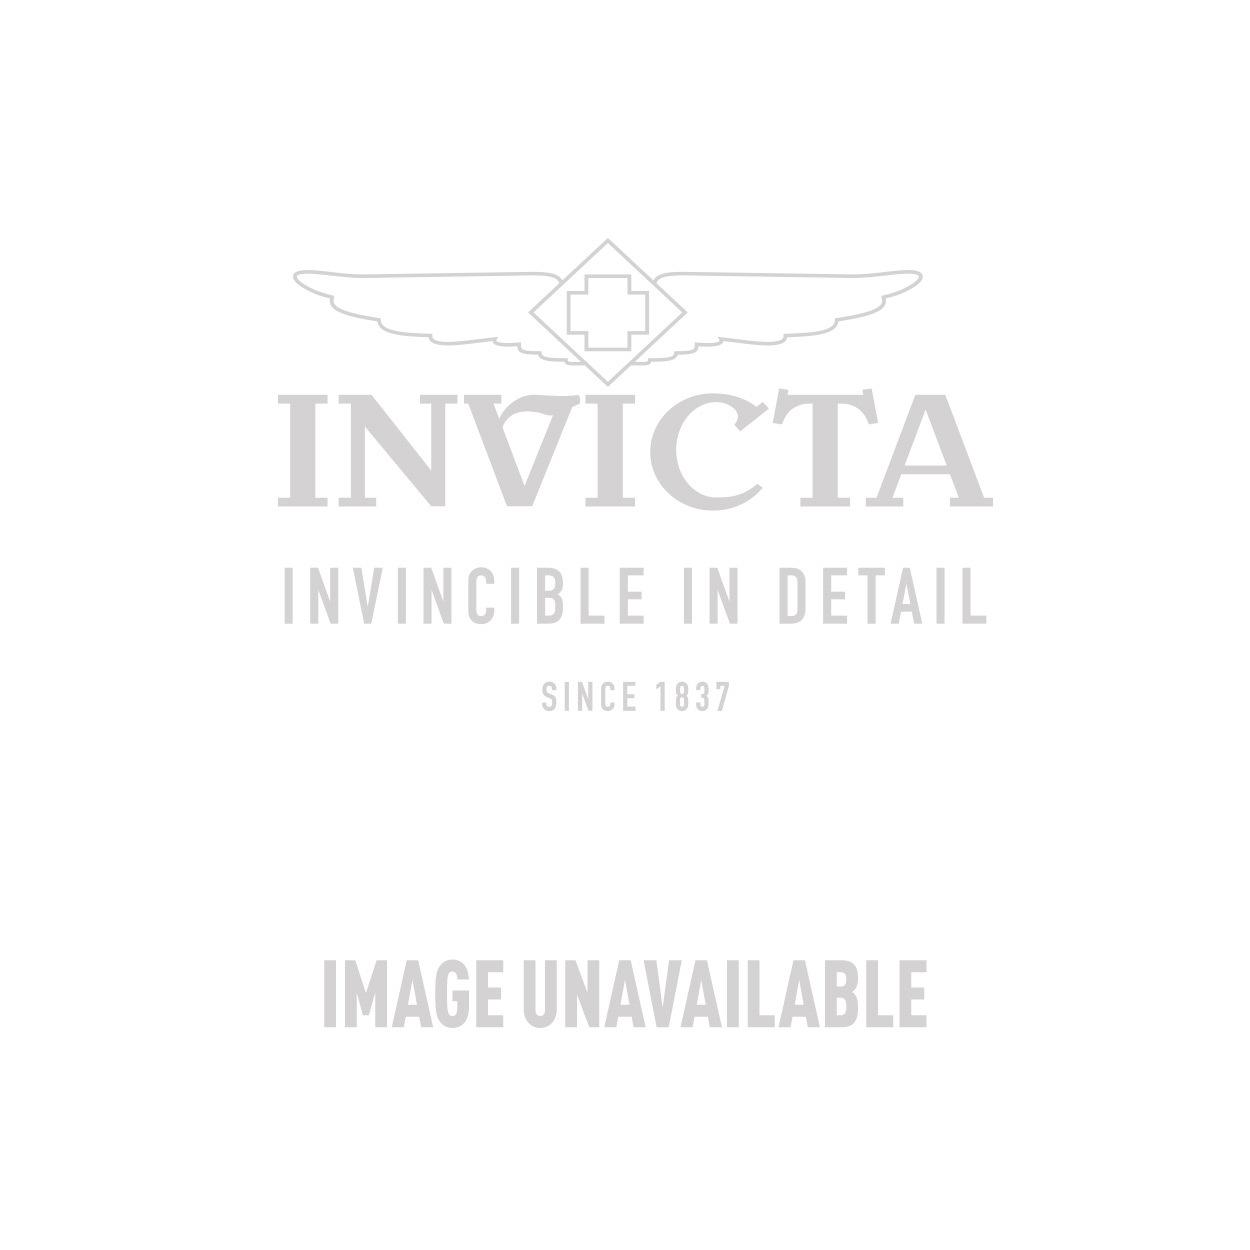 Invicta Model 25022